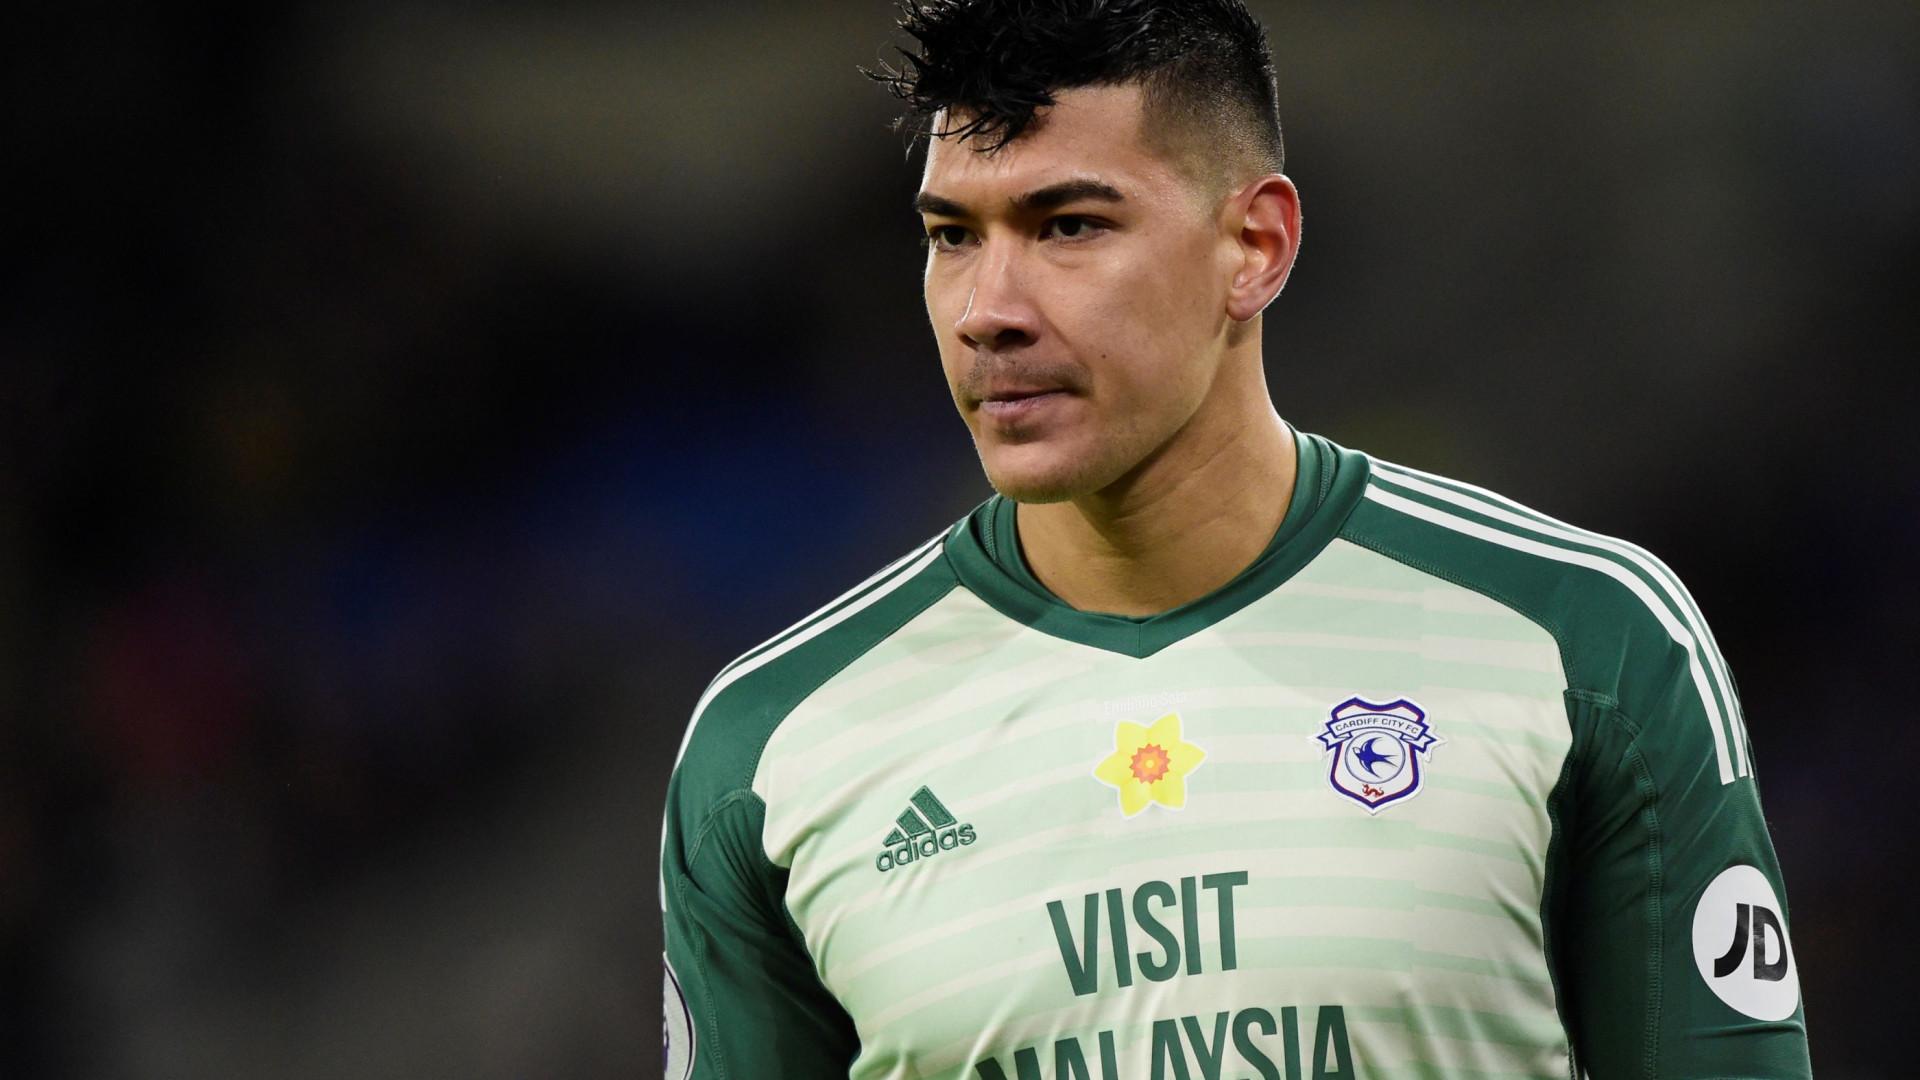 Cardiff pede autorização à Liga inglesa para alterar camisola de jogo e71d30889fcb6